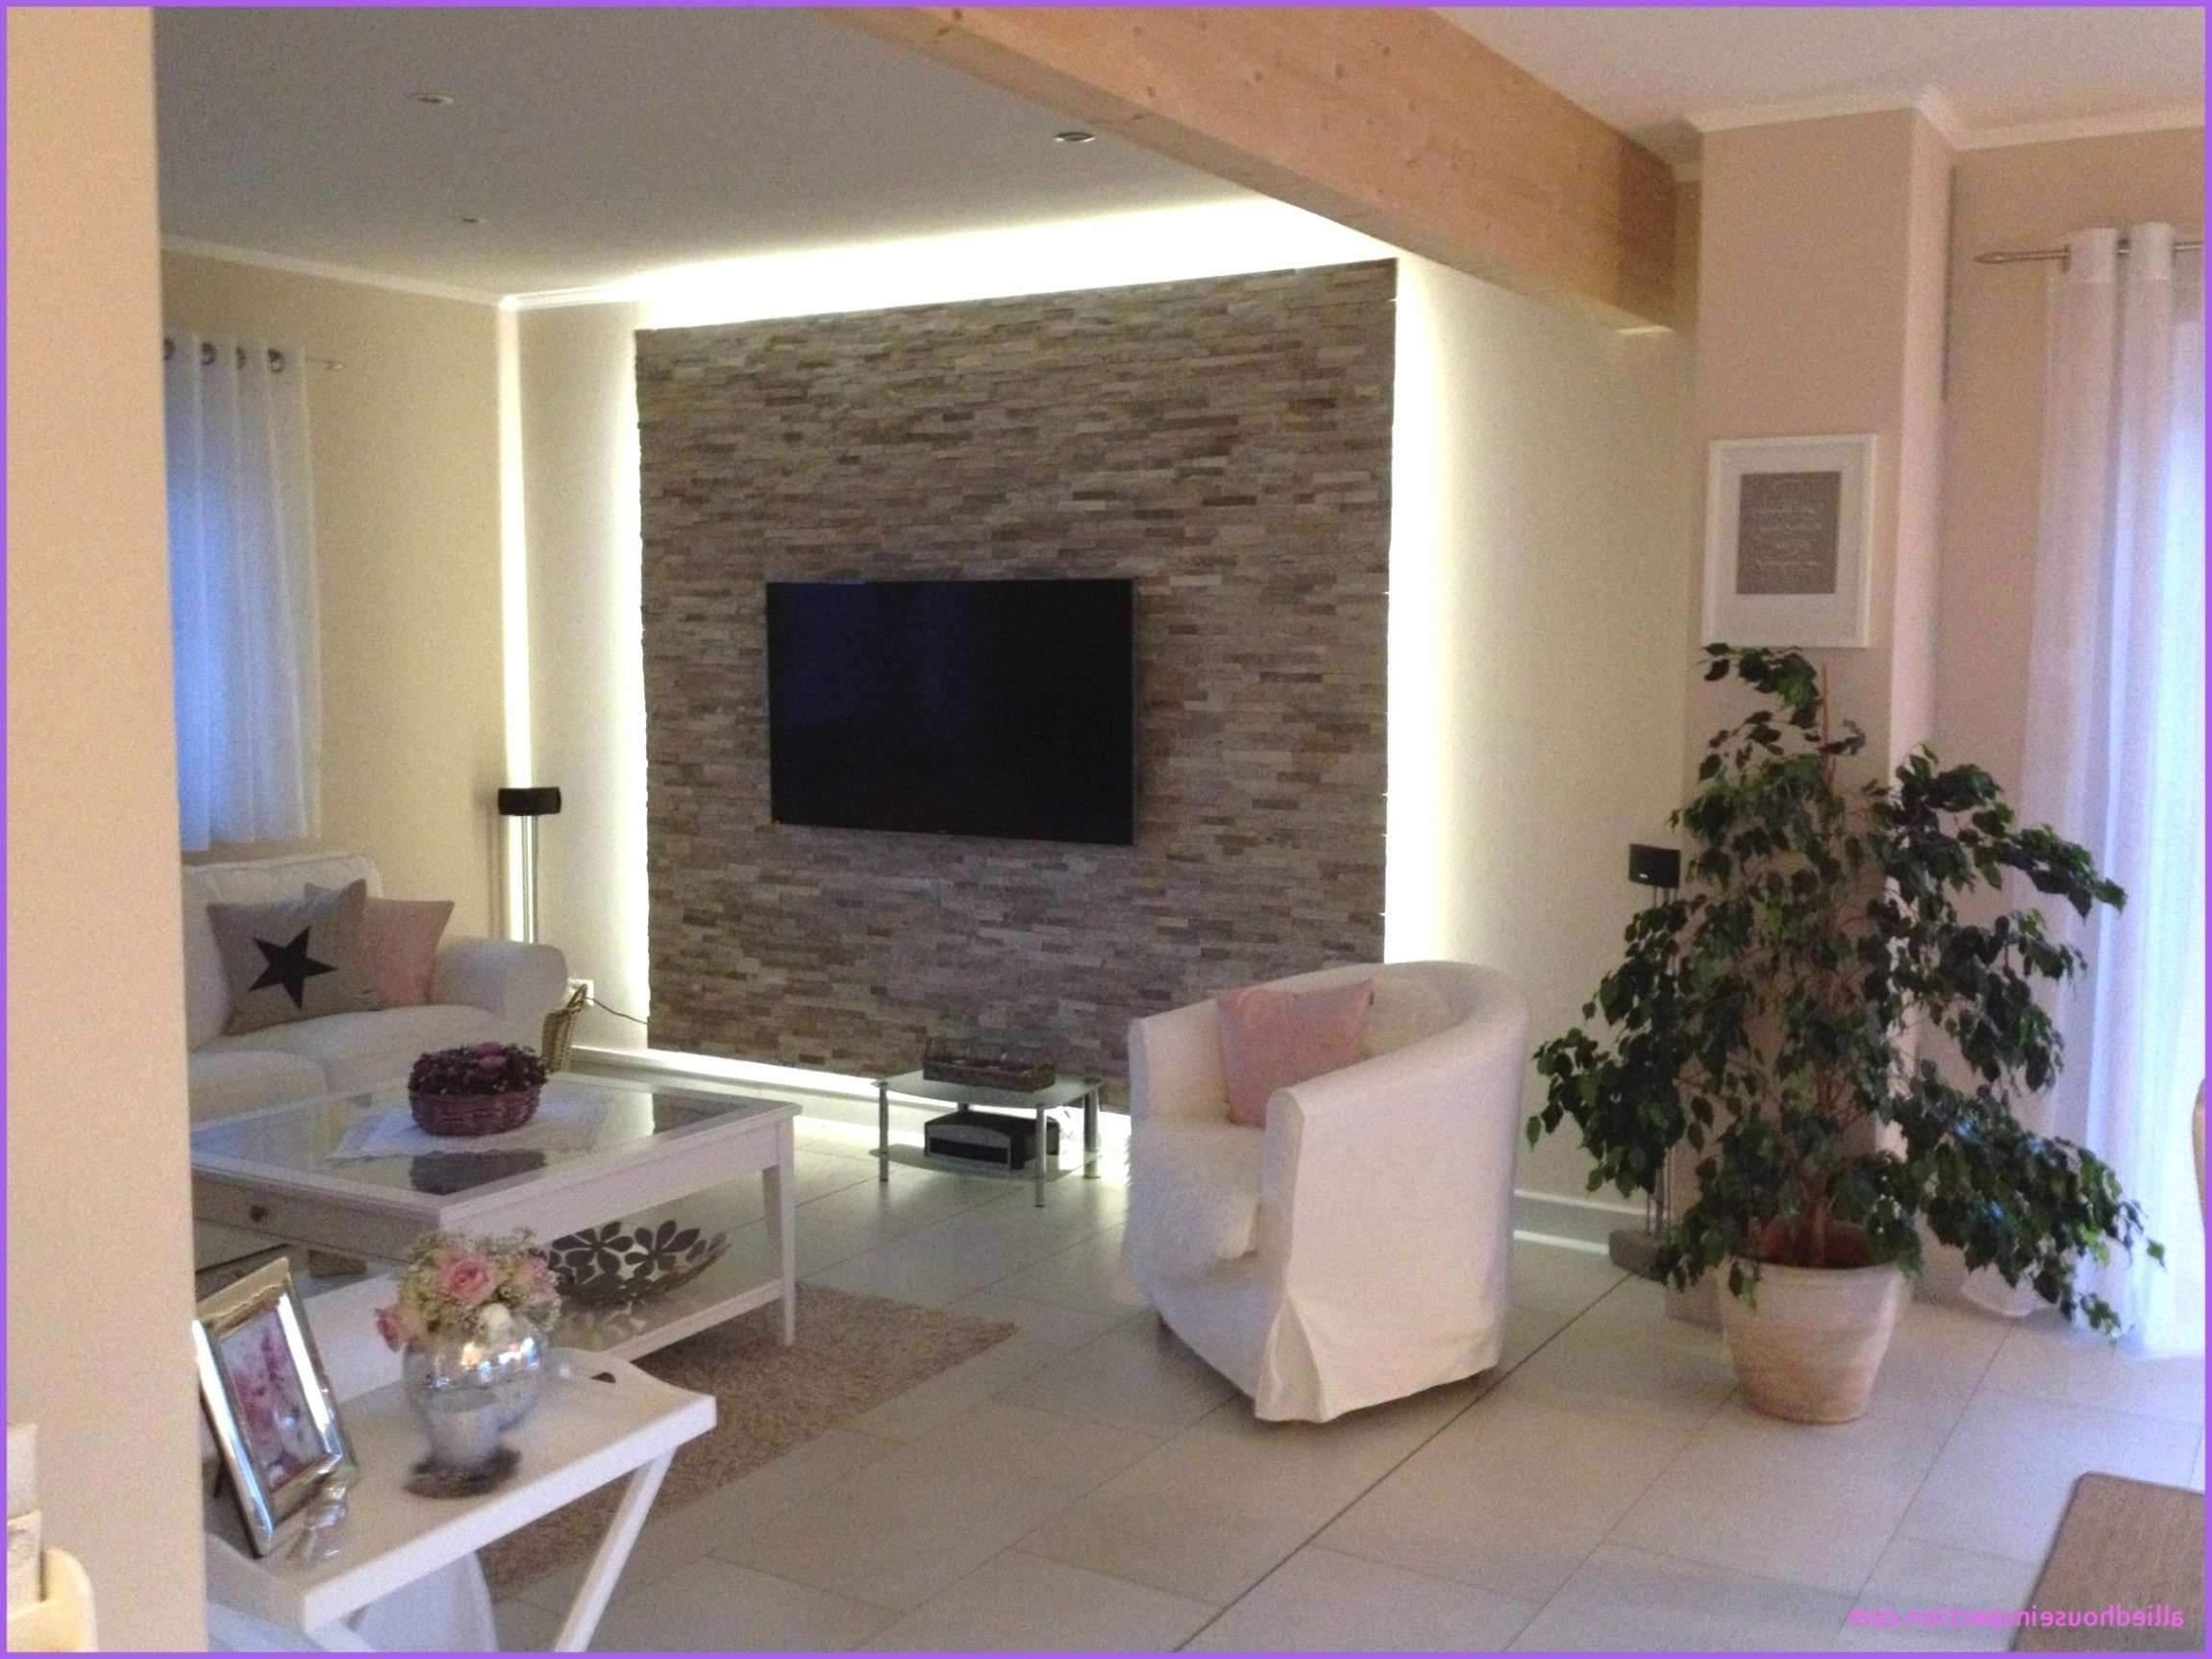 bilder wohnzimmer landhausstil neu wohnzimmer landhausstil schon wohnzimmer landhausstil of bilder wohnzimmer landhausstil